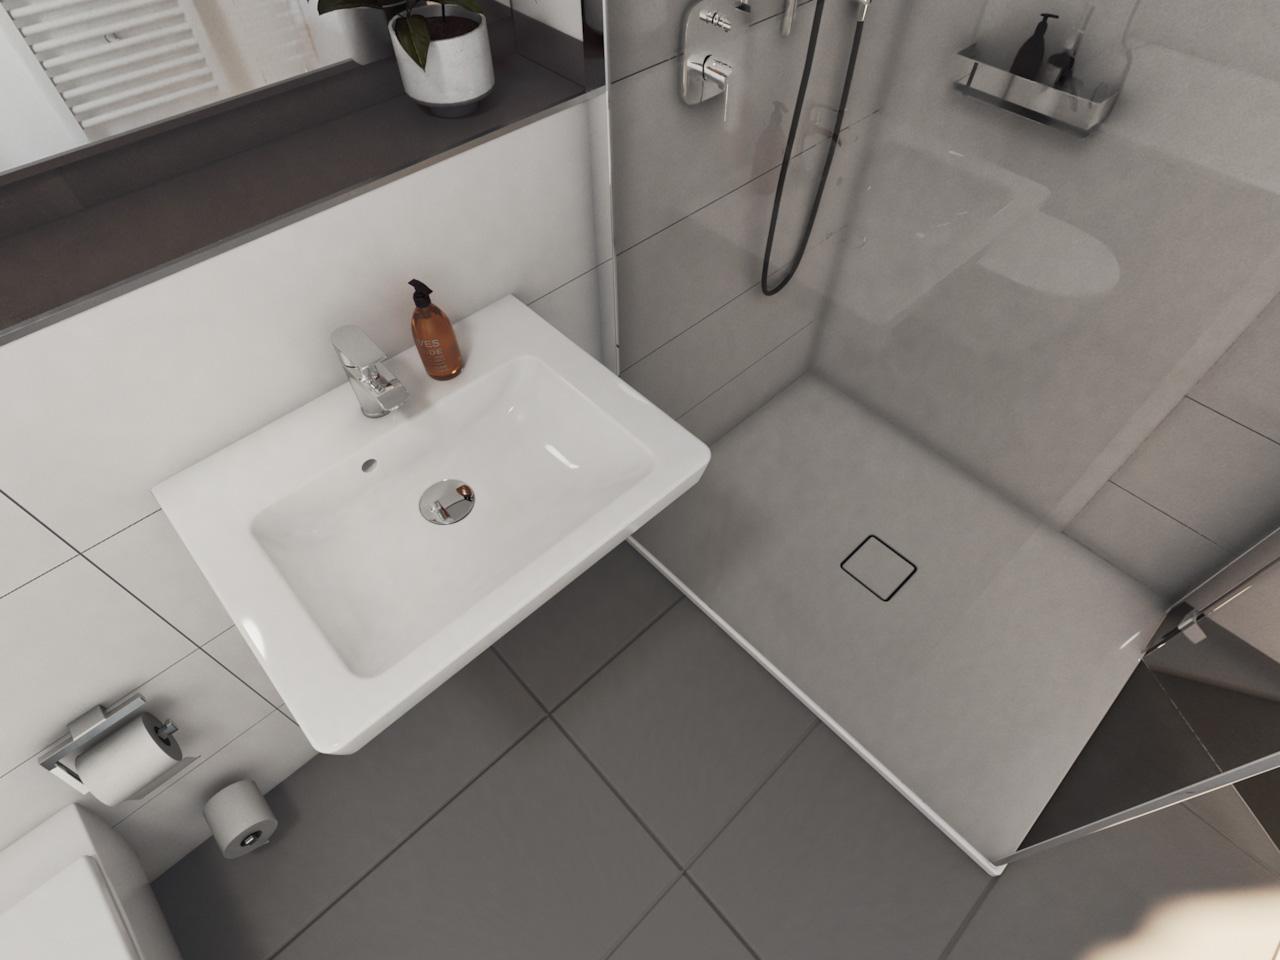 Ansicht einer Duschkabine und eines Waschbeckens